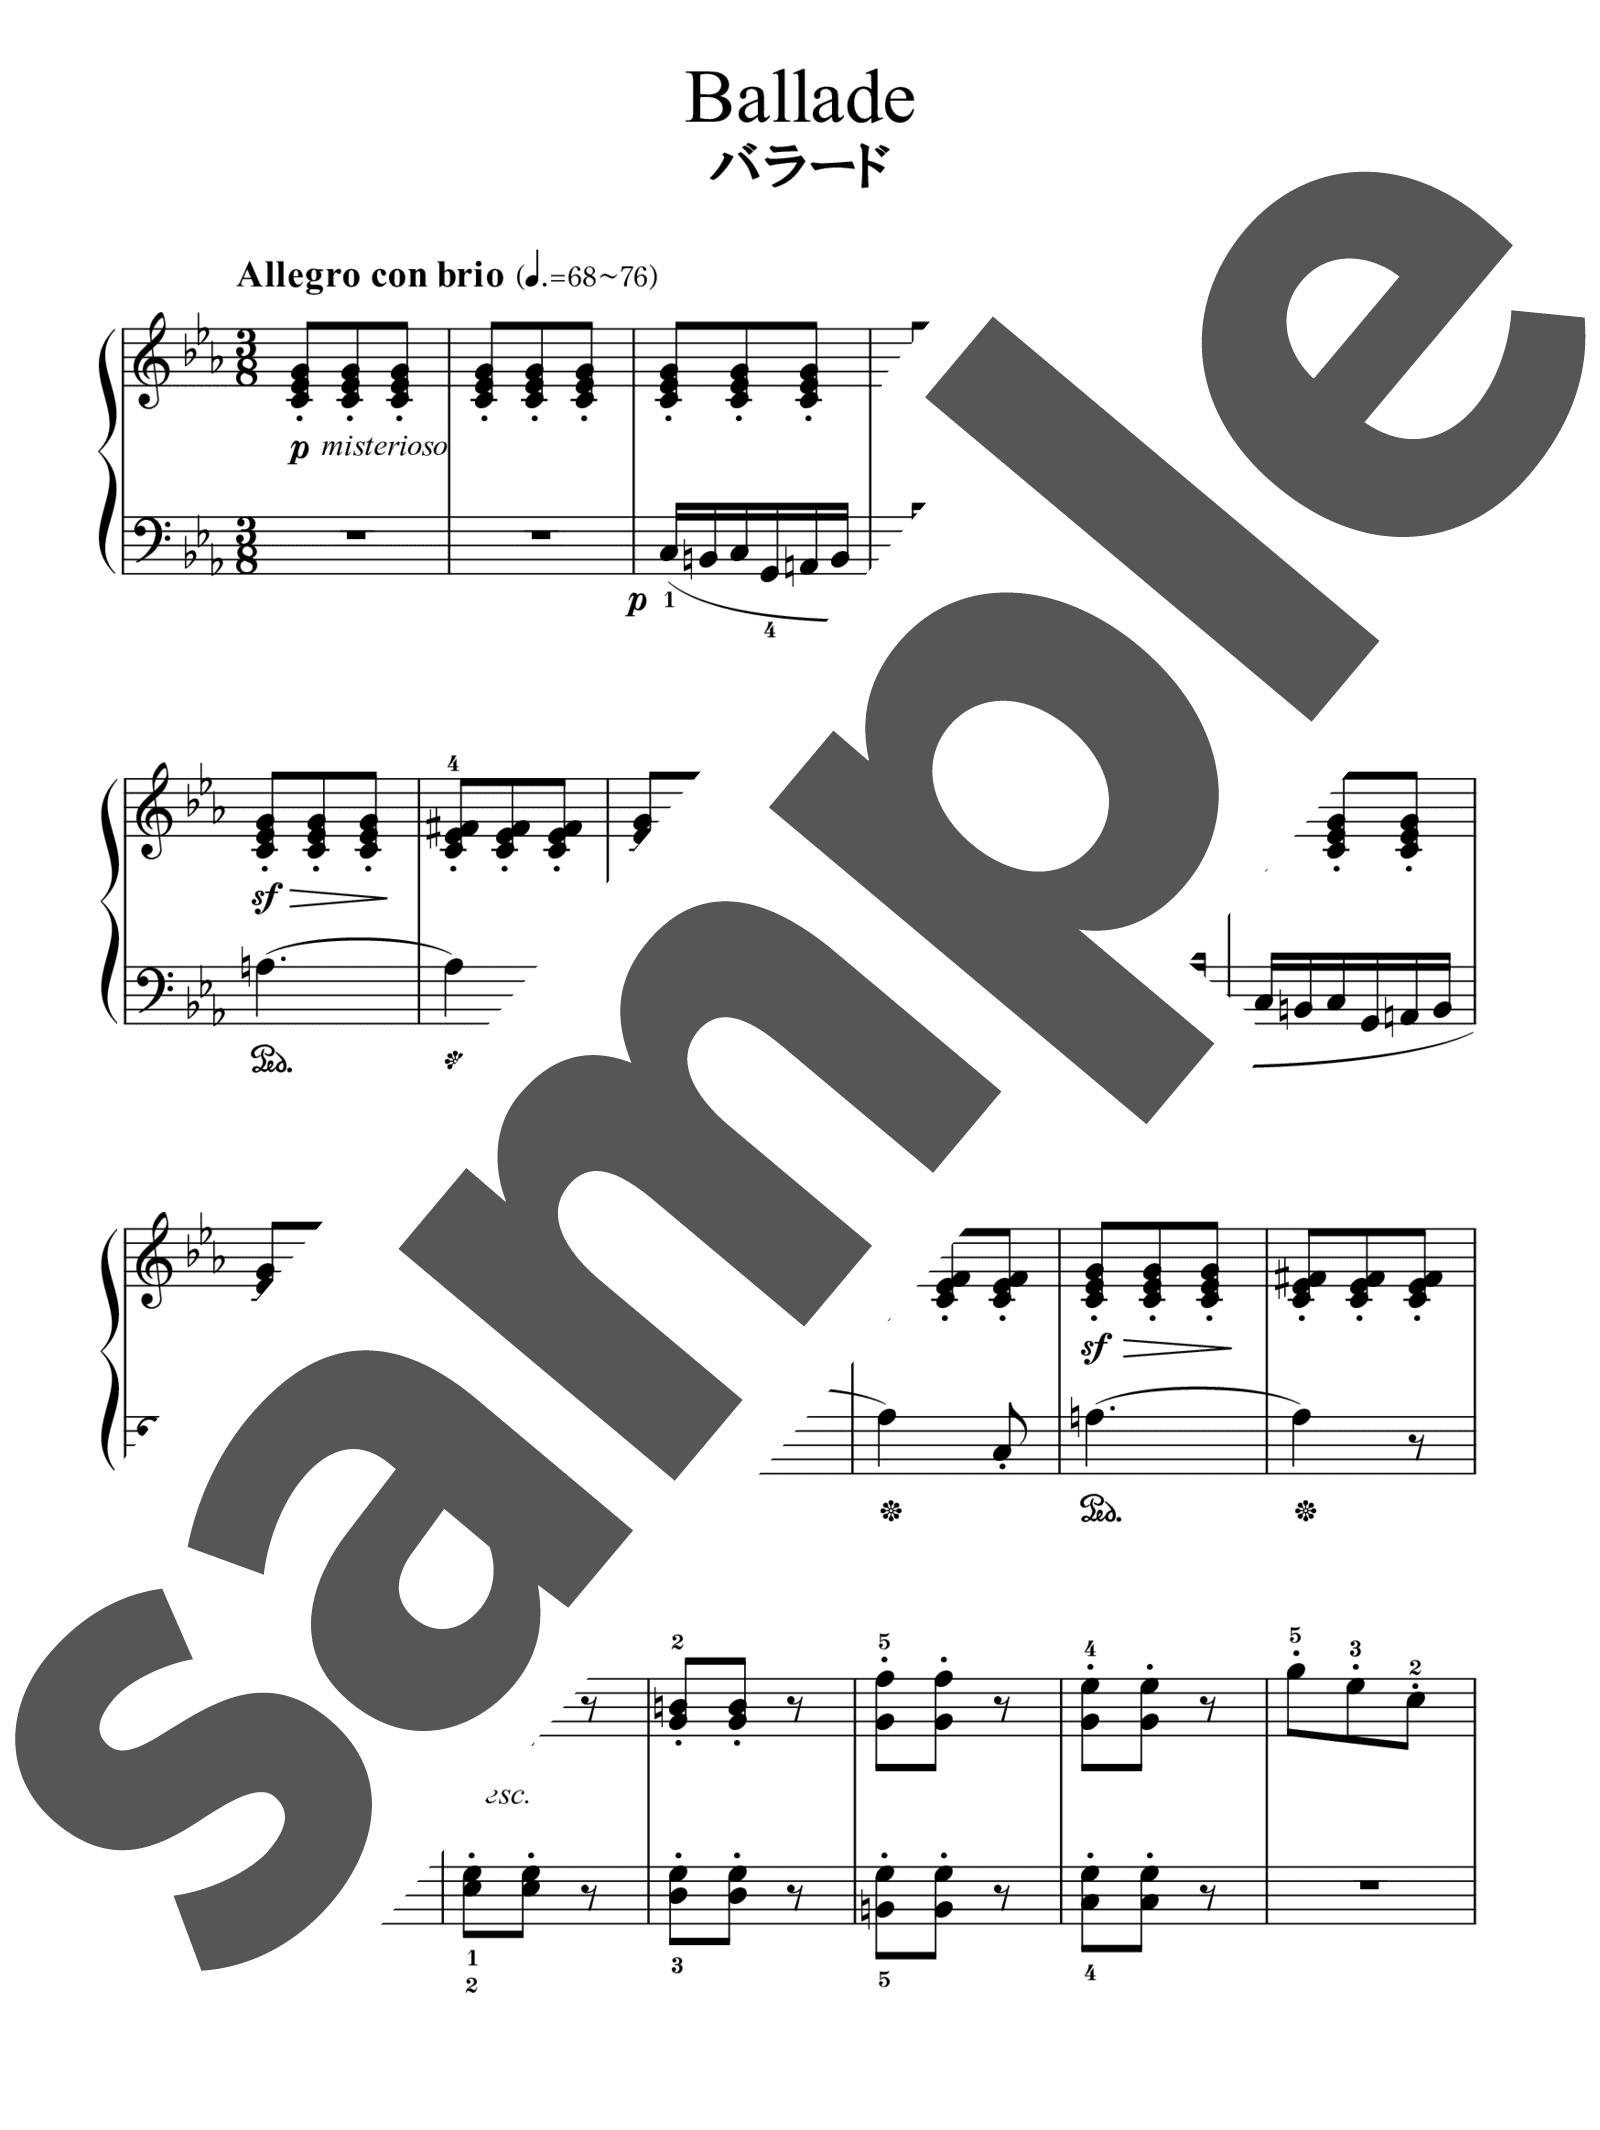 「ブルグミュラー25の練習曲15番 バラード」のサンプル楽譜